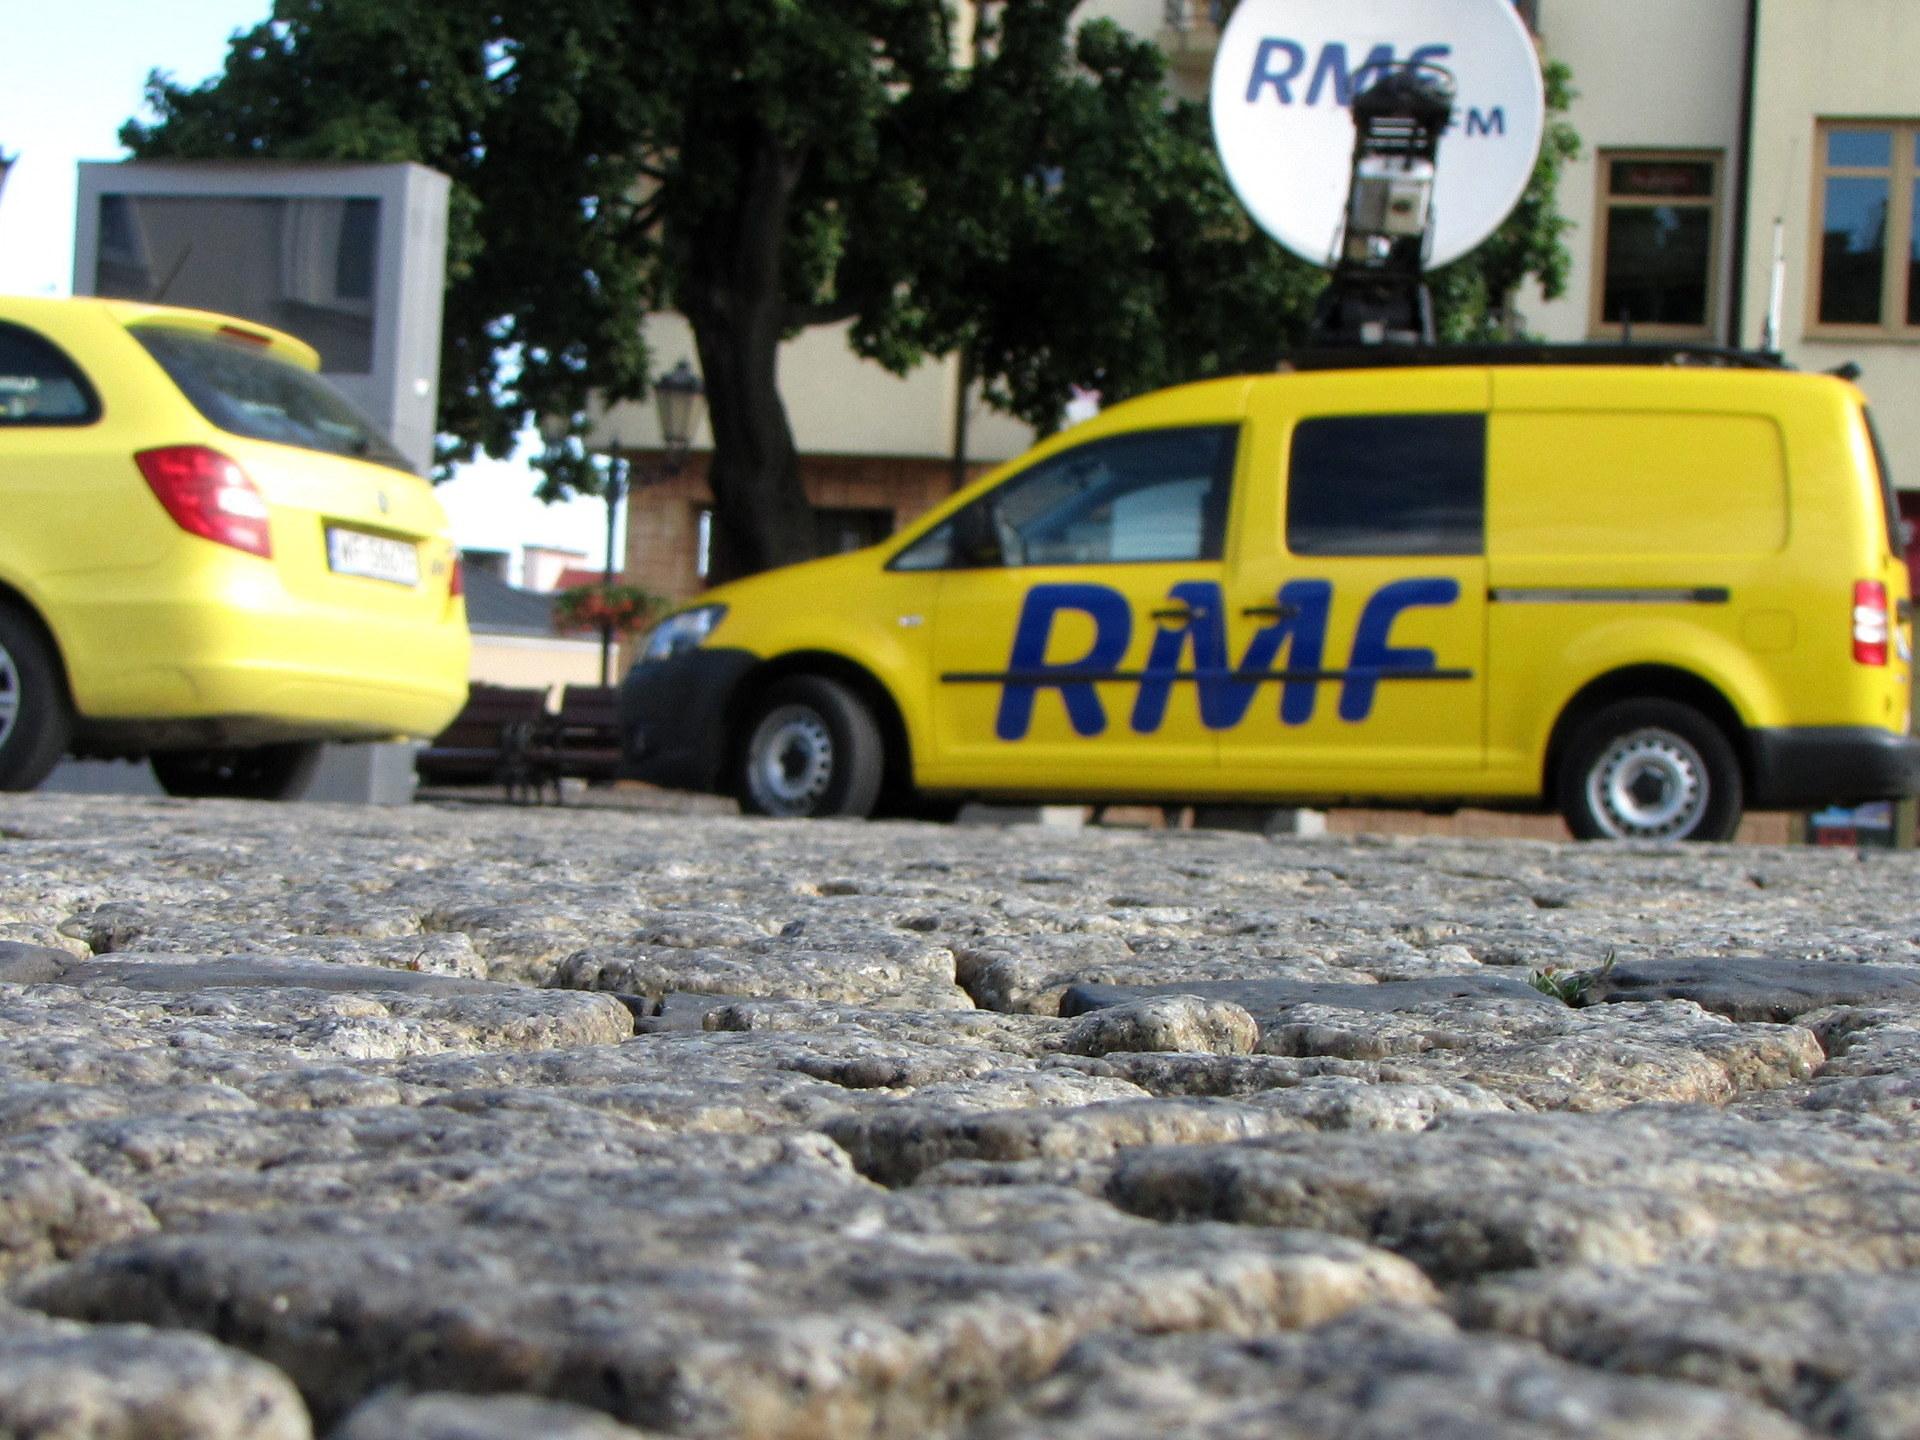 Twoje Miasto: Jedziemy do Buska-Zdroju! - RMF 24